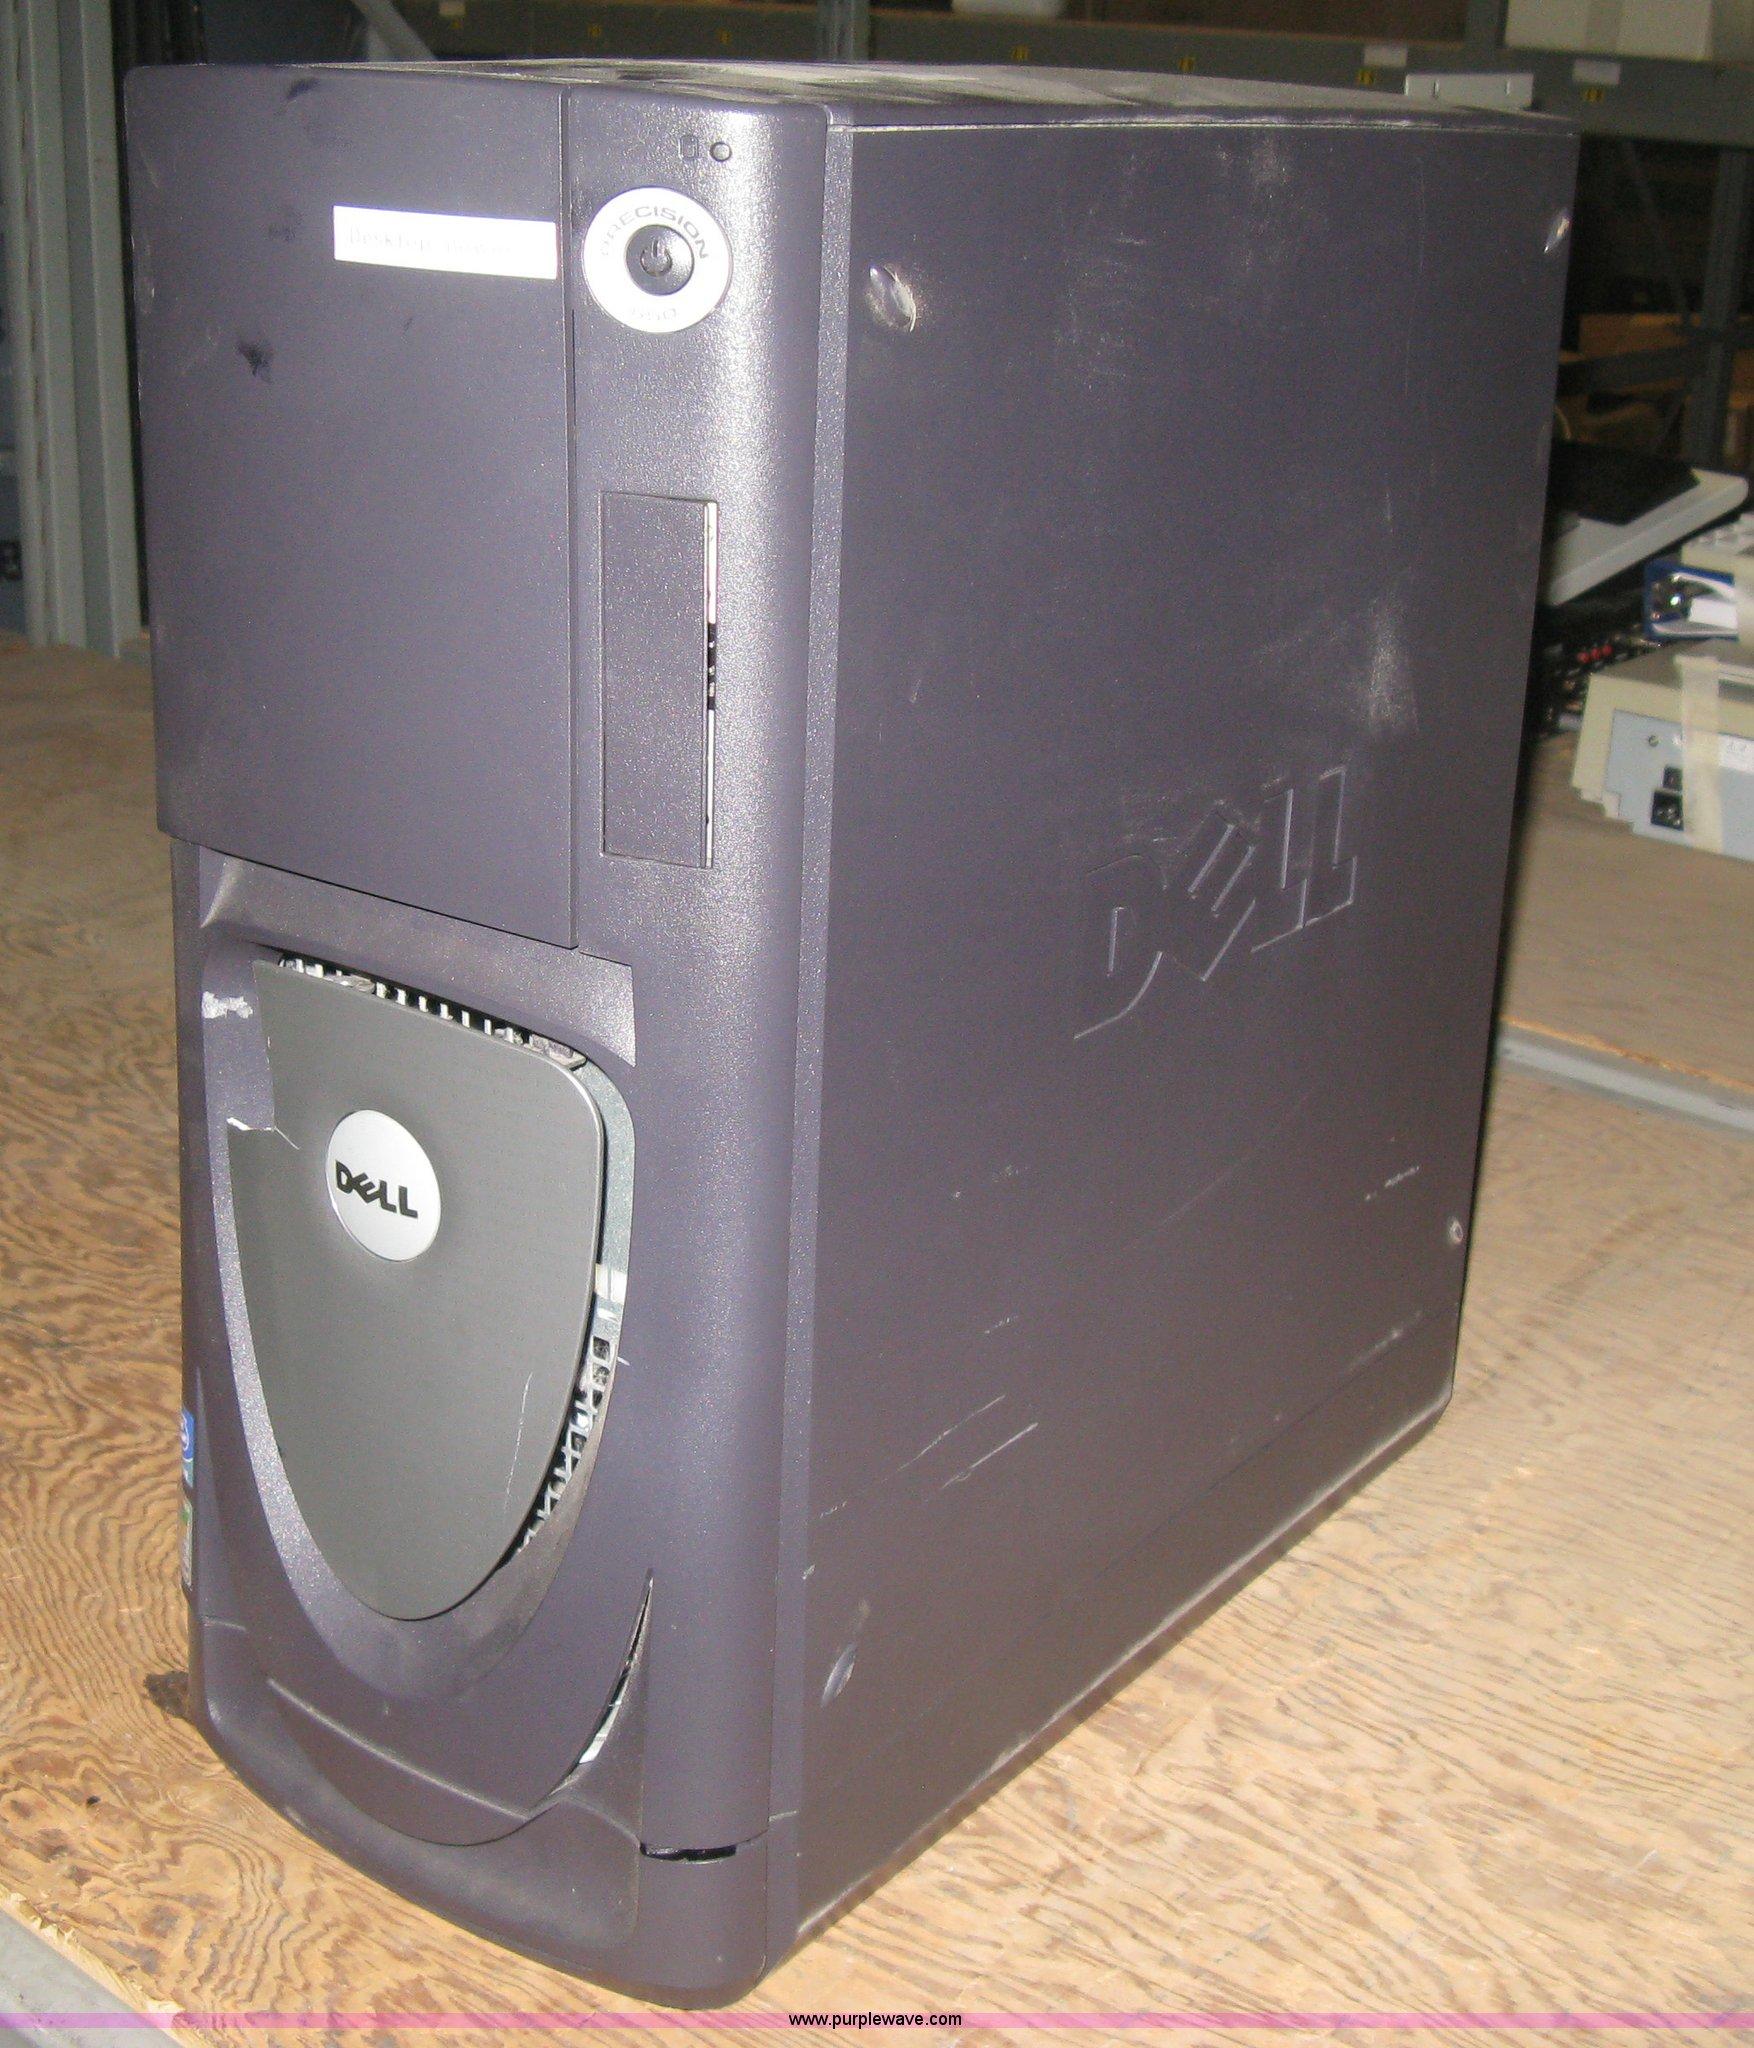 dell windows xp professional 1-2cpu